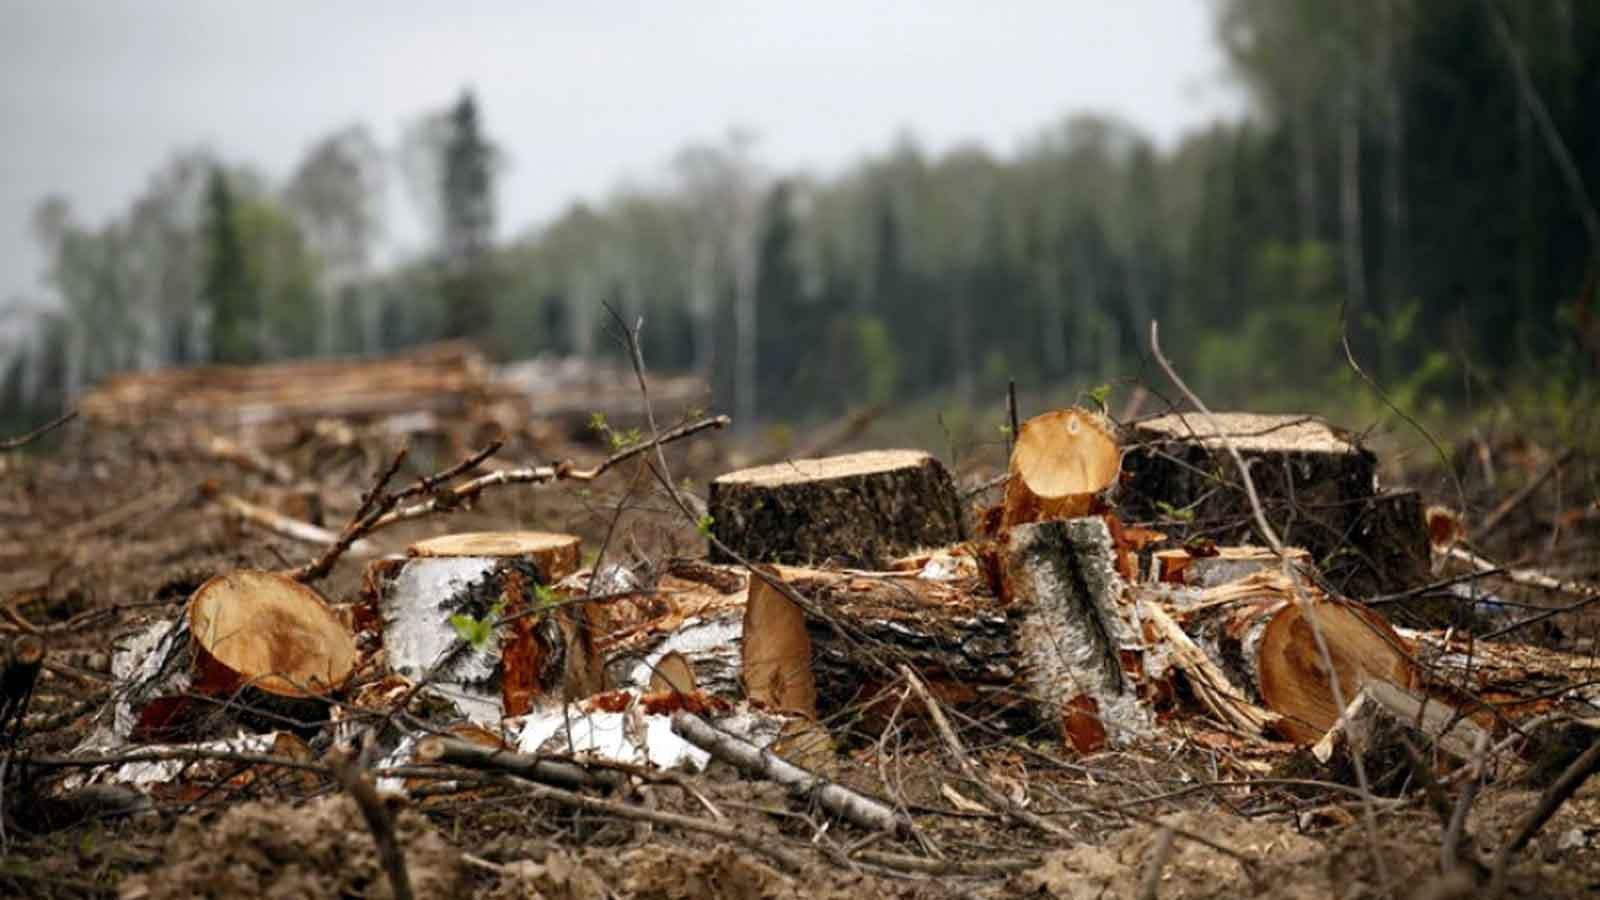 На Білоцерківщині незаконно вирубали ліс на суму 1,6 млн грн, – Офіс Генпрокурора - Білоцерківський район - huge 17e1963a 004f 4a13 9fde b89aec73ca27